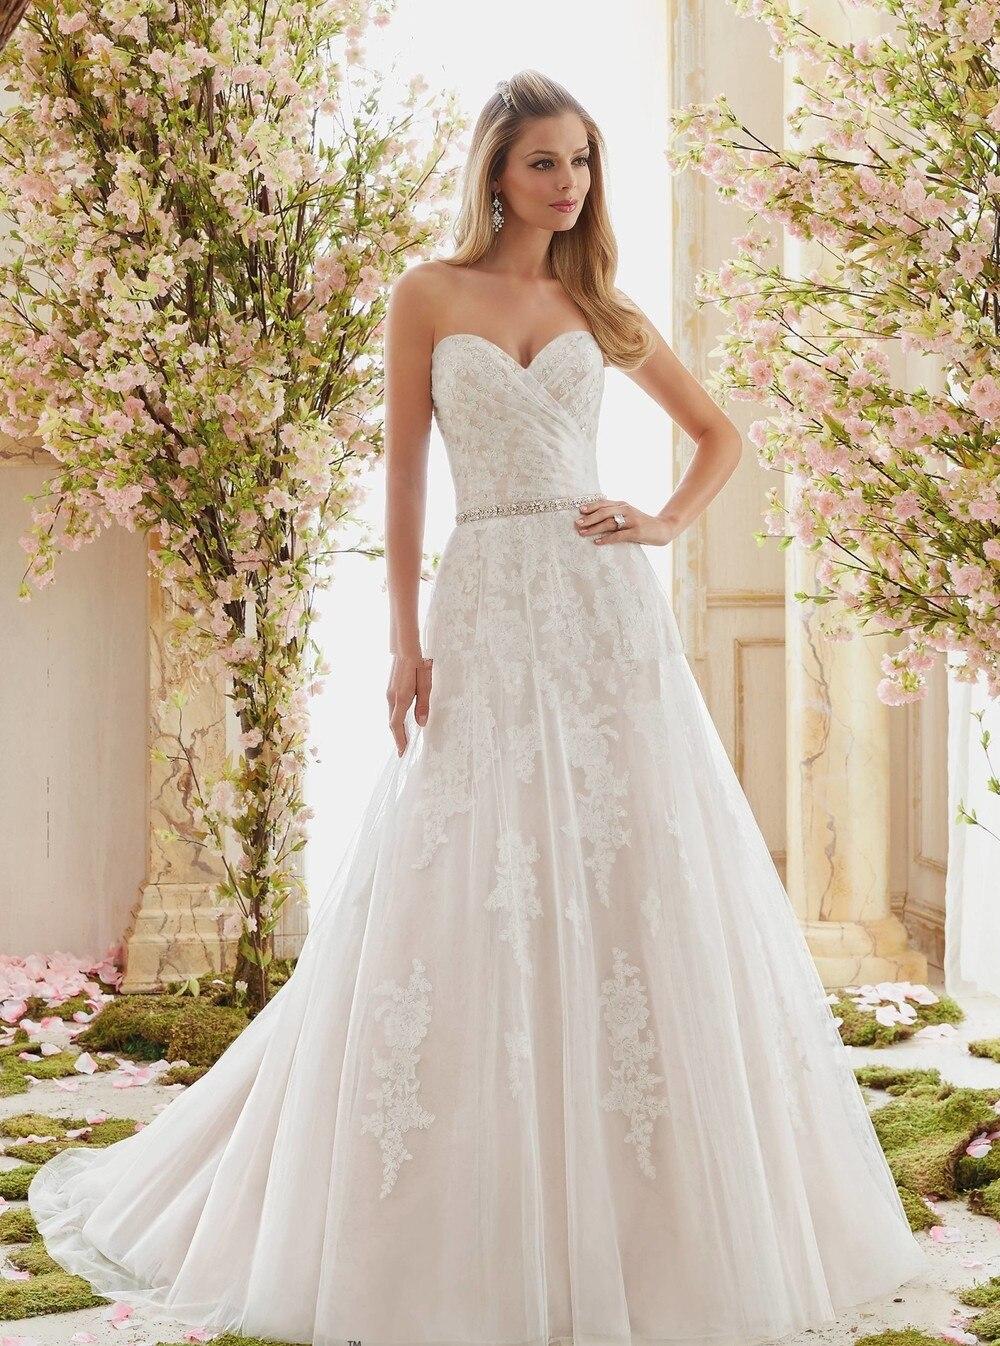 Vestidos De Novia Sweetheart Beach WEdding Dresses 2016 Robe De Mariage New Boho Lace WEdding Dresses Simple Vestido De Novia